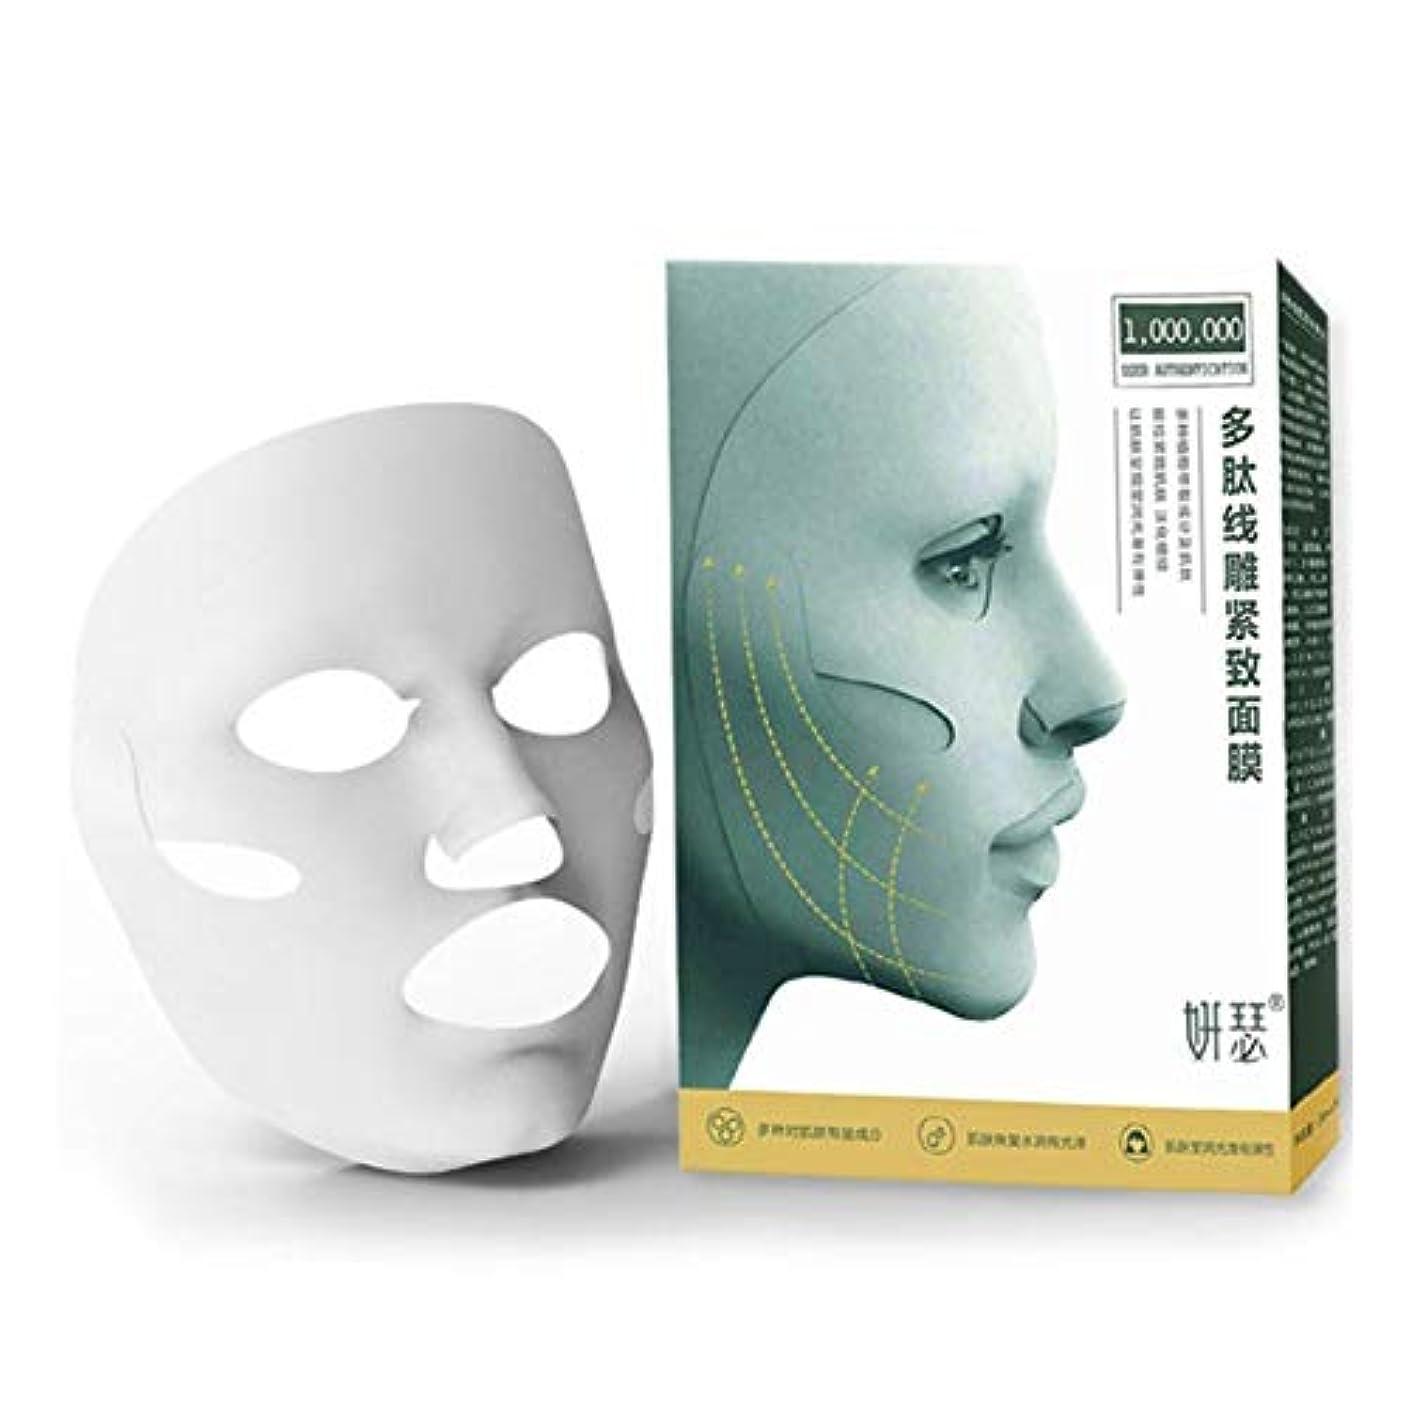 セクタ少ない分配しますBETTER YOU (ベター ュー) マスク、ペプチドマスク、保湿、美白、肌の引き締め、肌の色合いの明るく、赤い血の輝き、細い線 5枚1箱